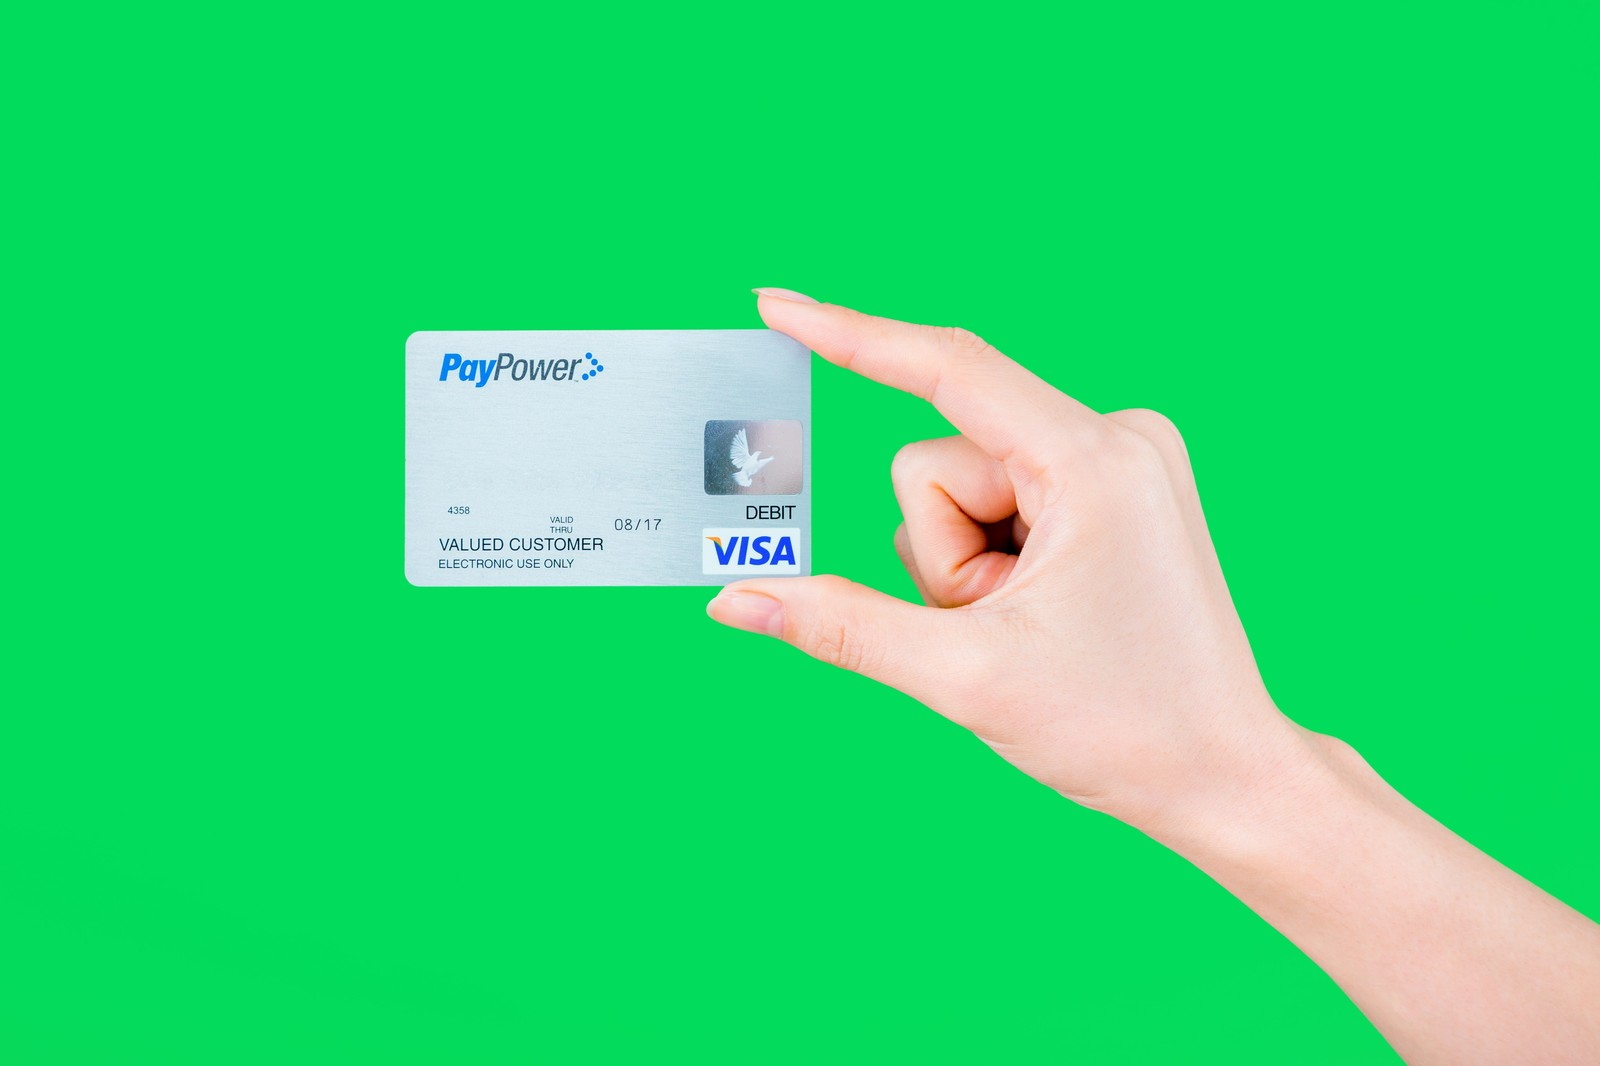 クレジットカードは銀行系のカードで決まり!絶対おすすめの理由とは?